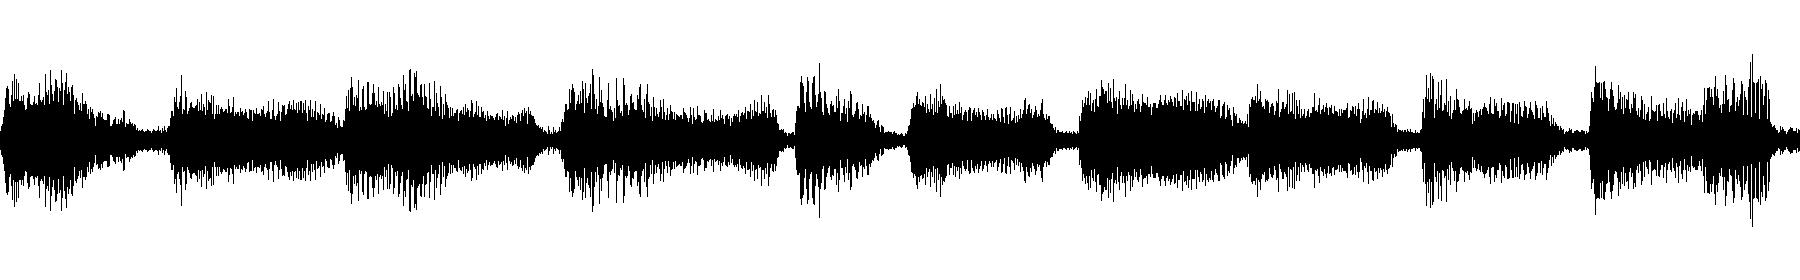 blbc tachepad 110 c